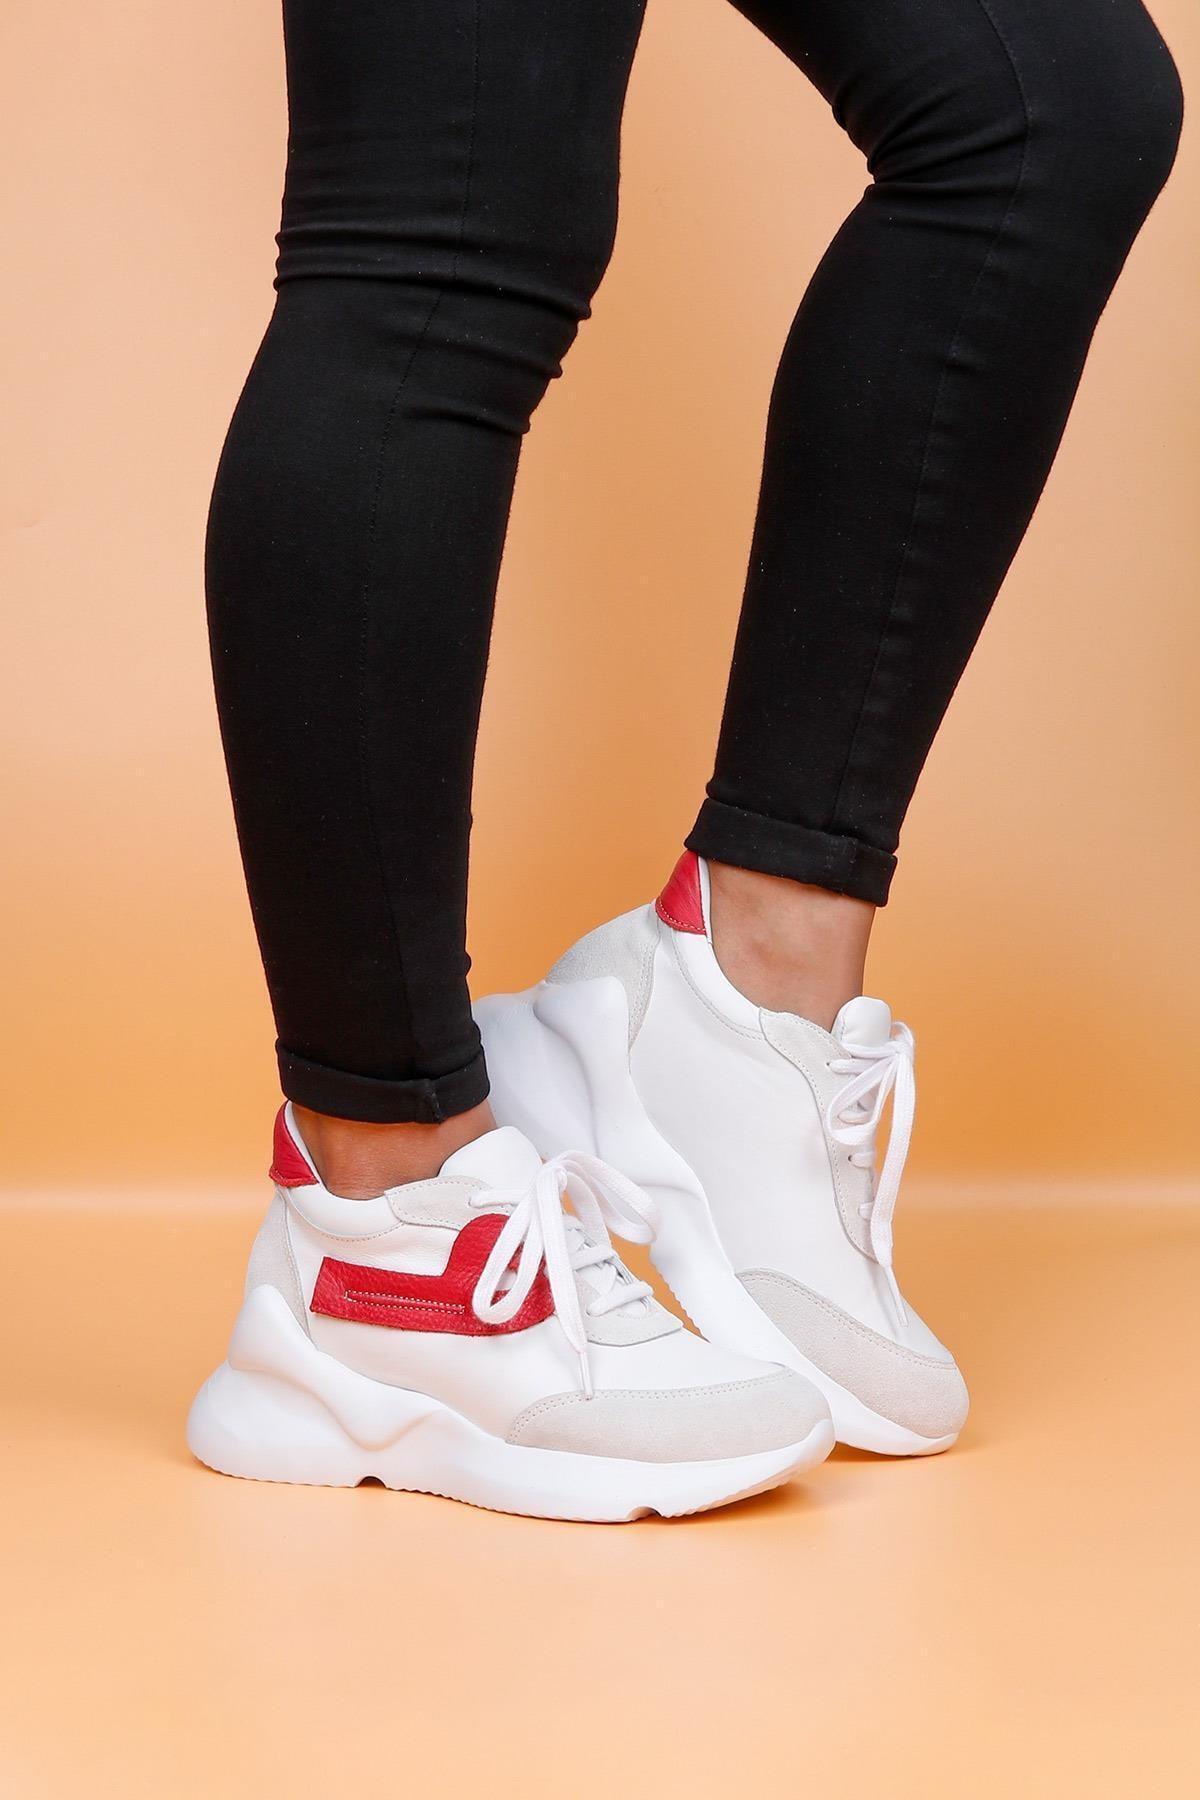 BUENO Shoes Hakiki Deri Bağcık Detaylı Kadın Spor Ayakkabı 20wq1805 1